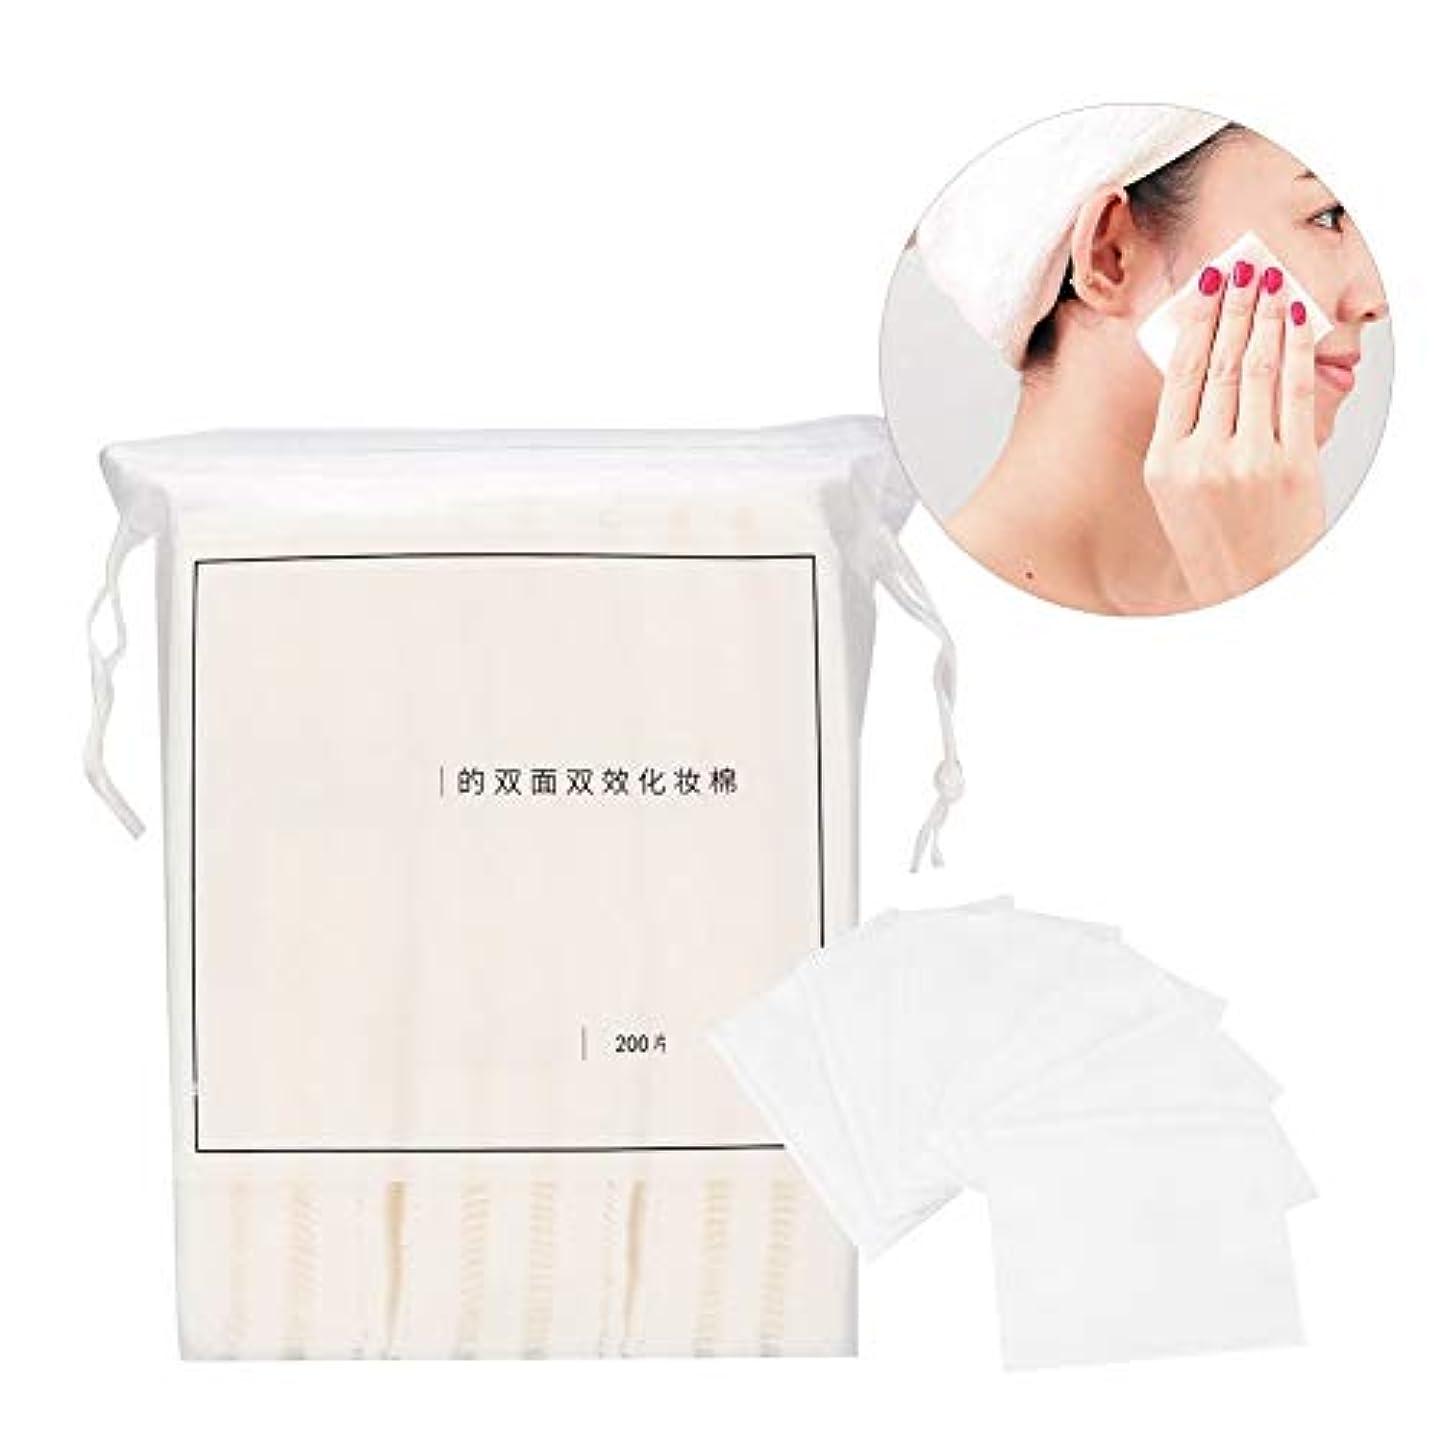 挑発する薄暗い応じる200個の化粧落としパッド、肌の角質除去とネイルケアのための両面と乾式の湿式デュアルユースコットンパッド、やわらかい涙抵抗の保水化粧品用綿(2)